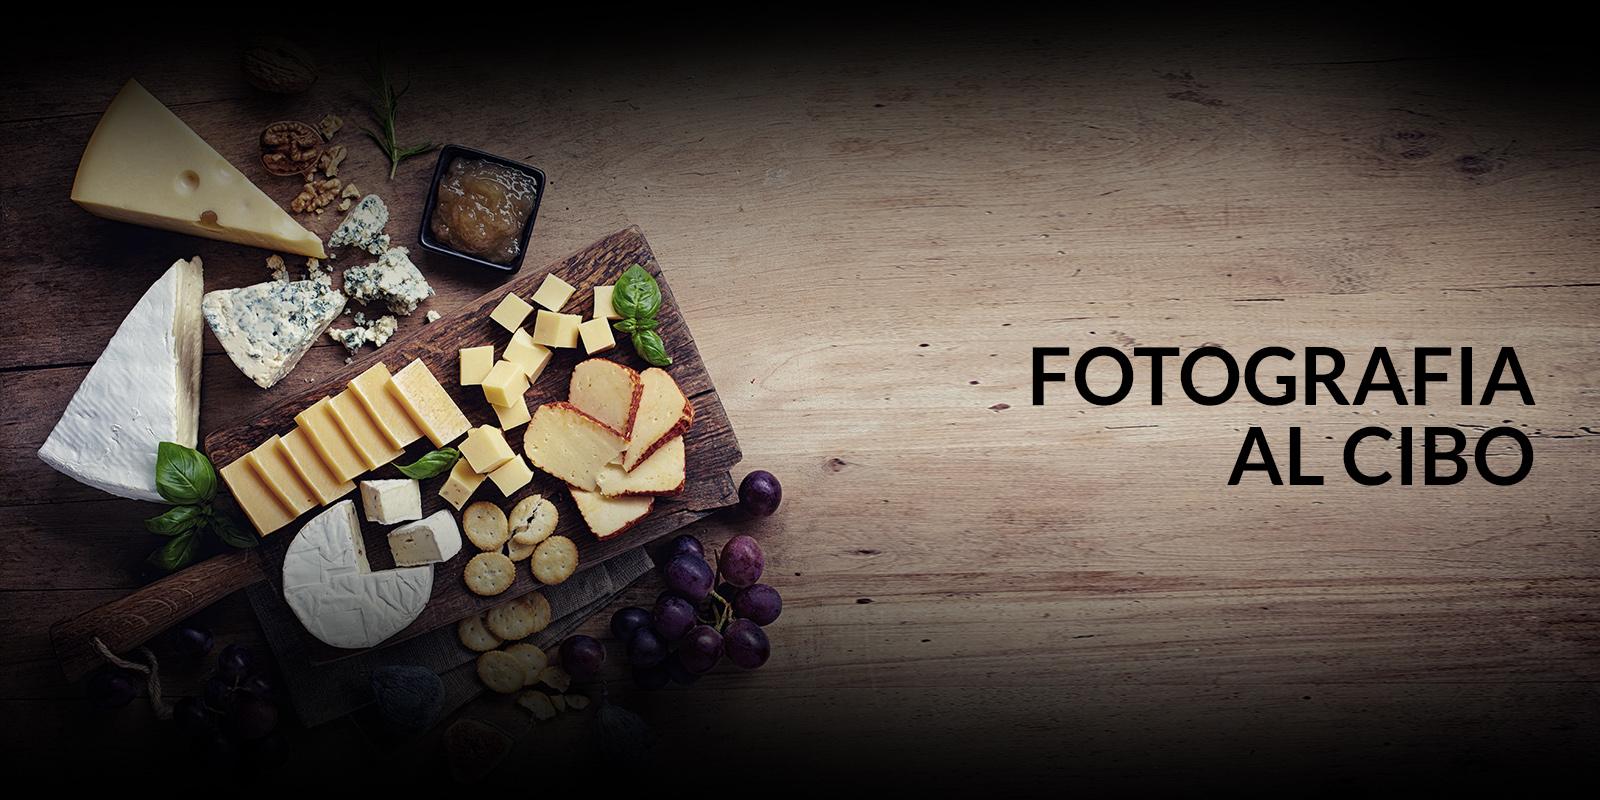 fotografia al cibo